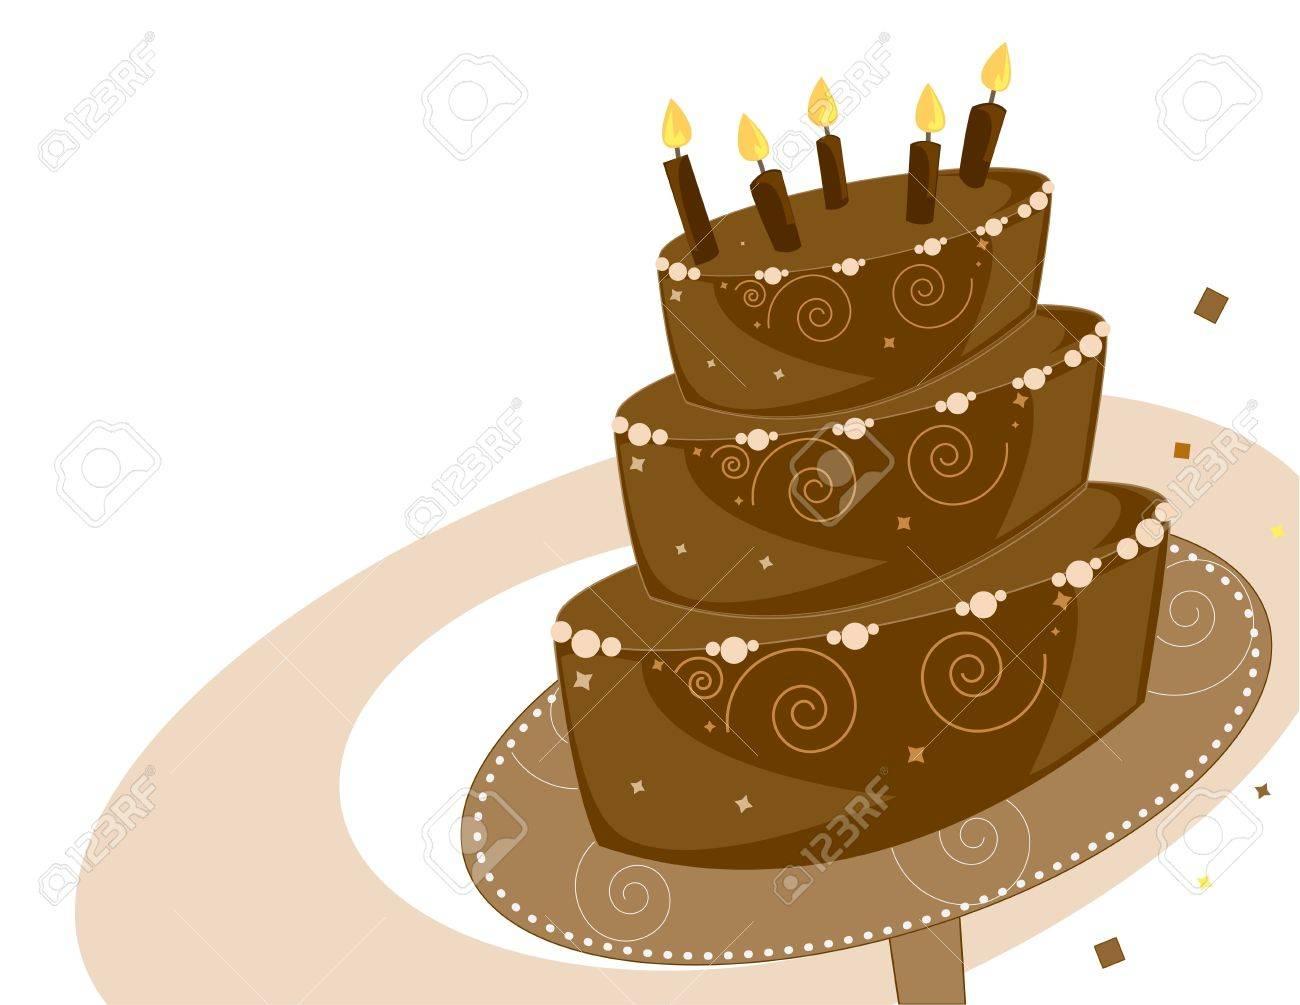 Chocolate layer birthday cake - 3891737